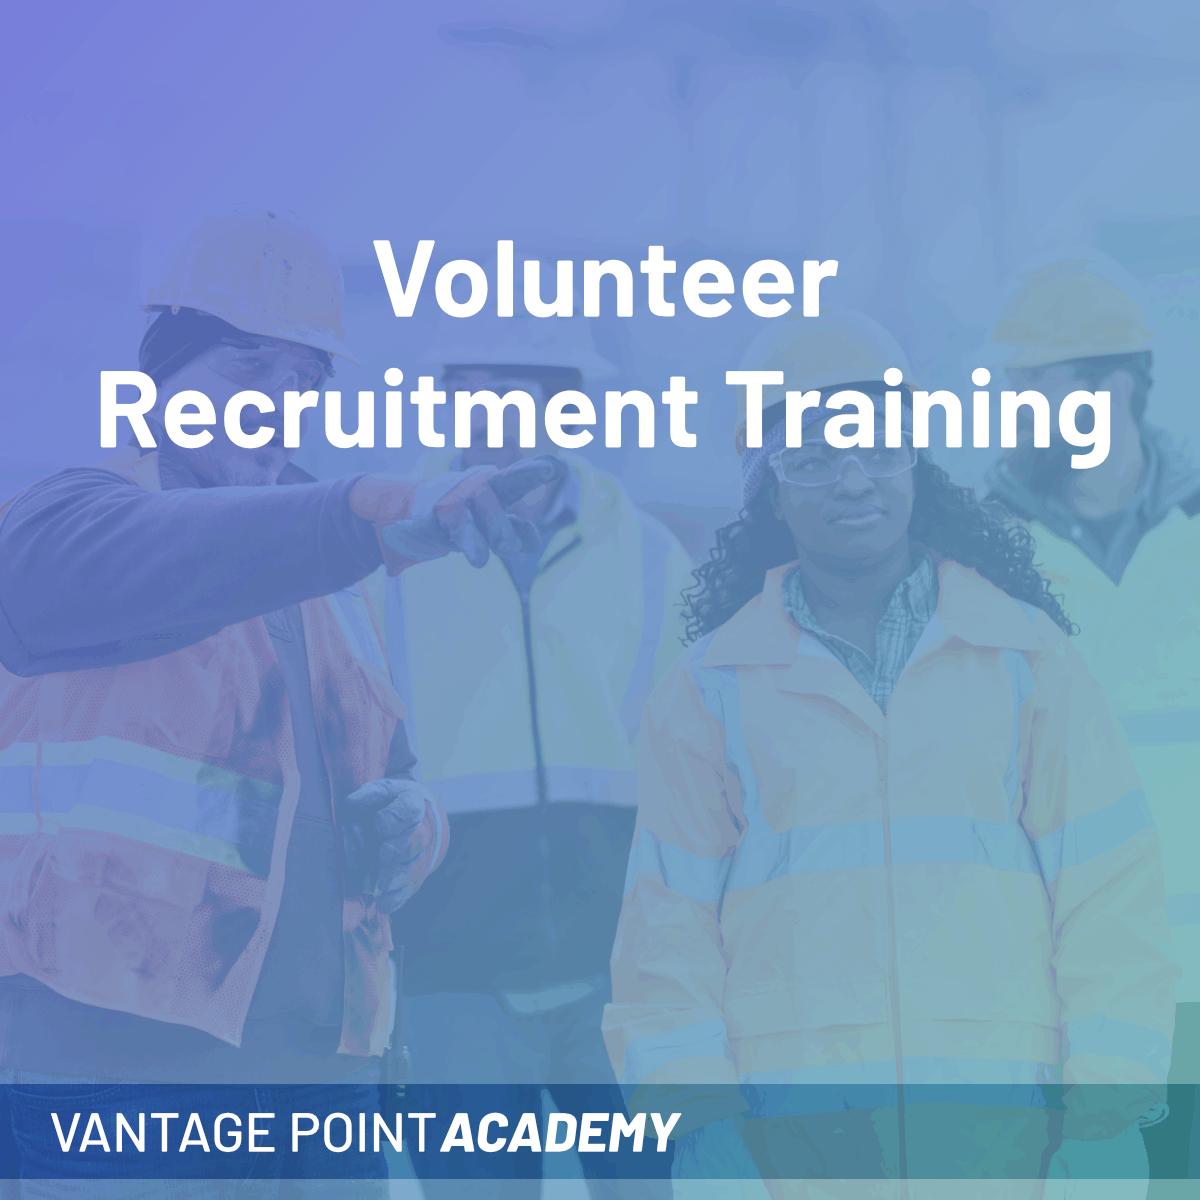 Volunteer Recruitment Training